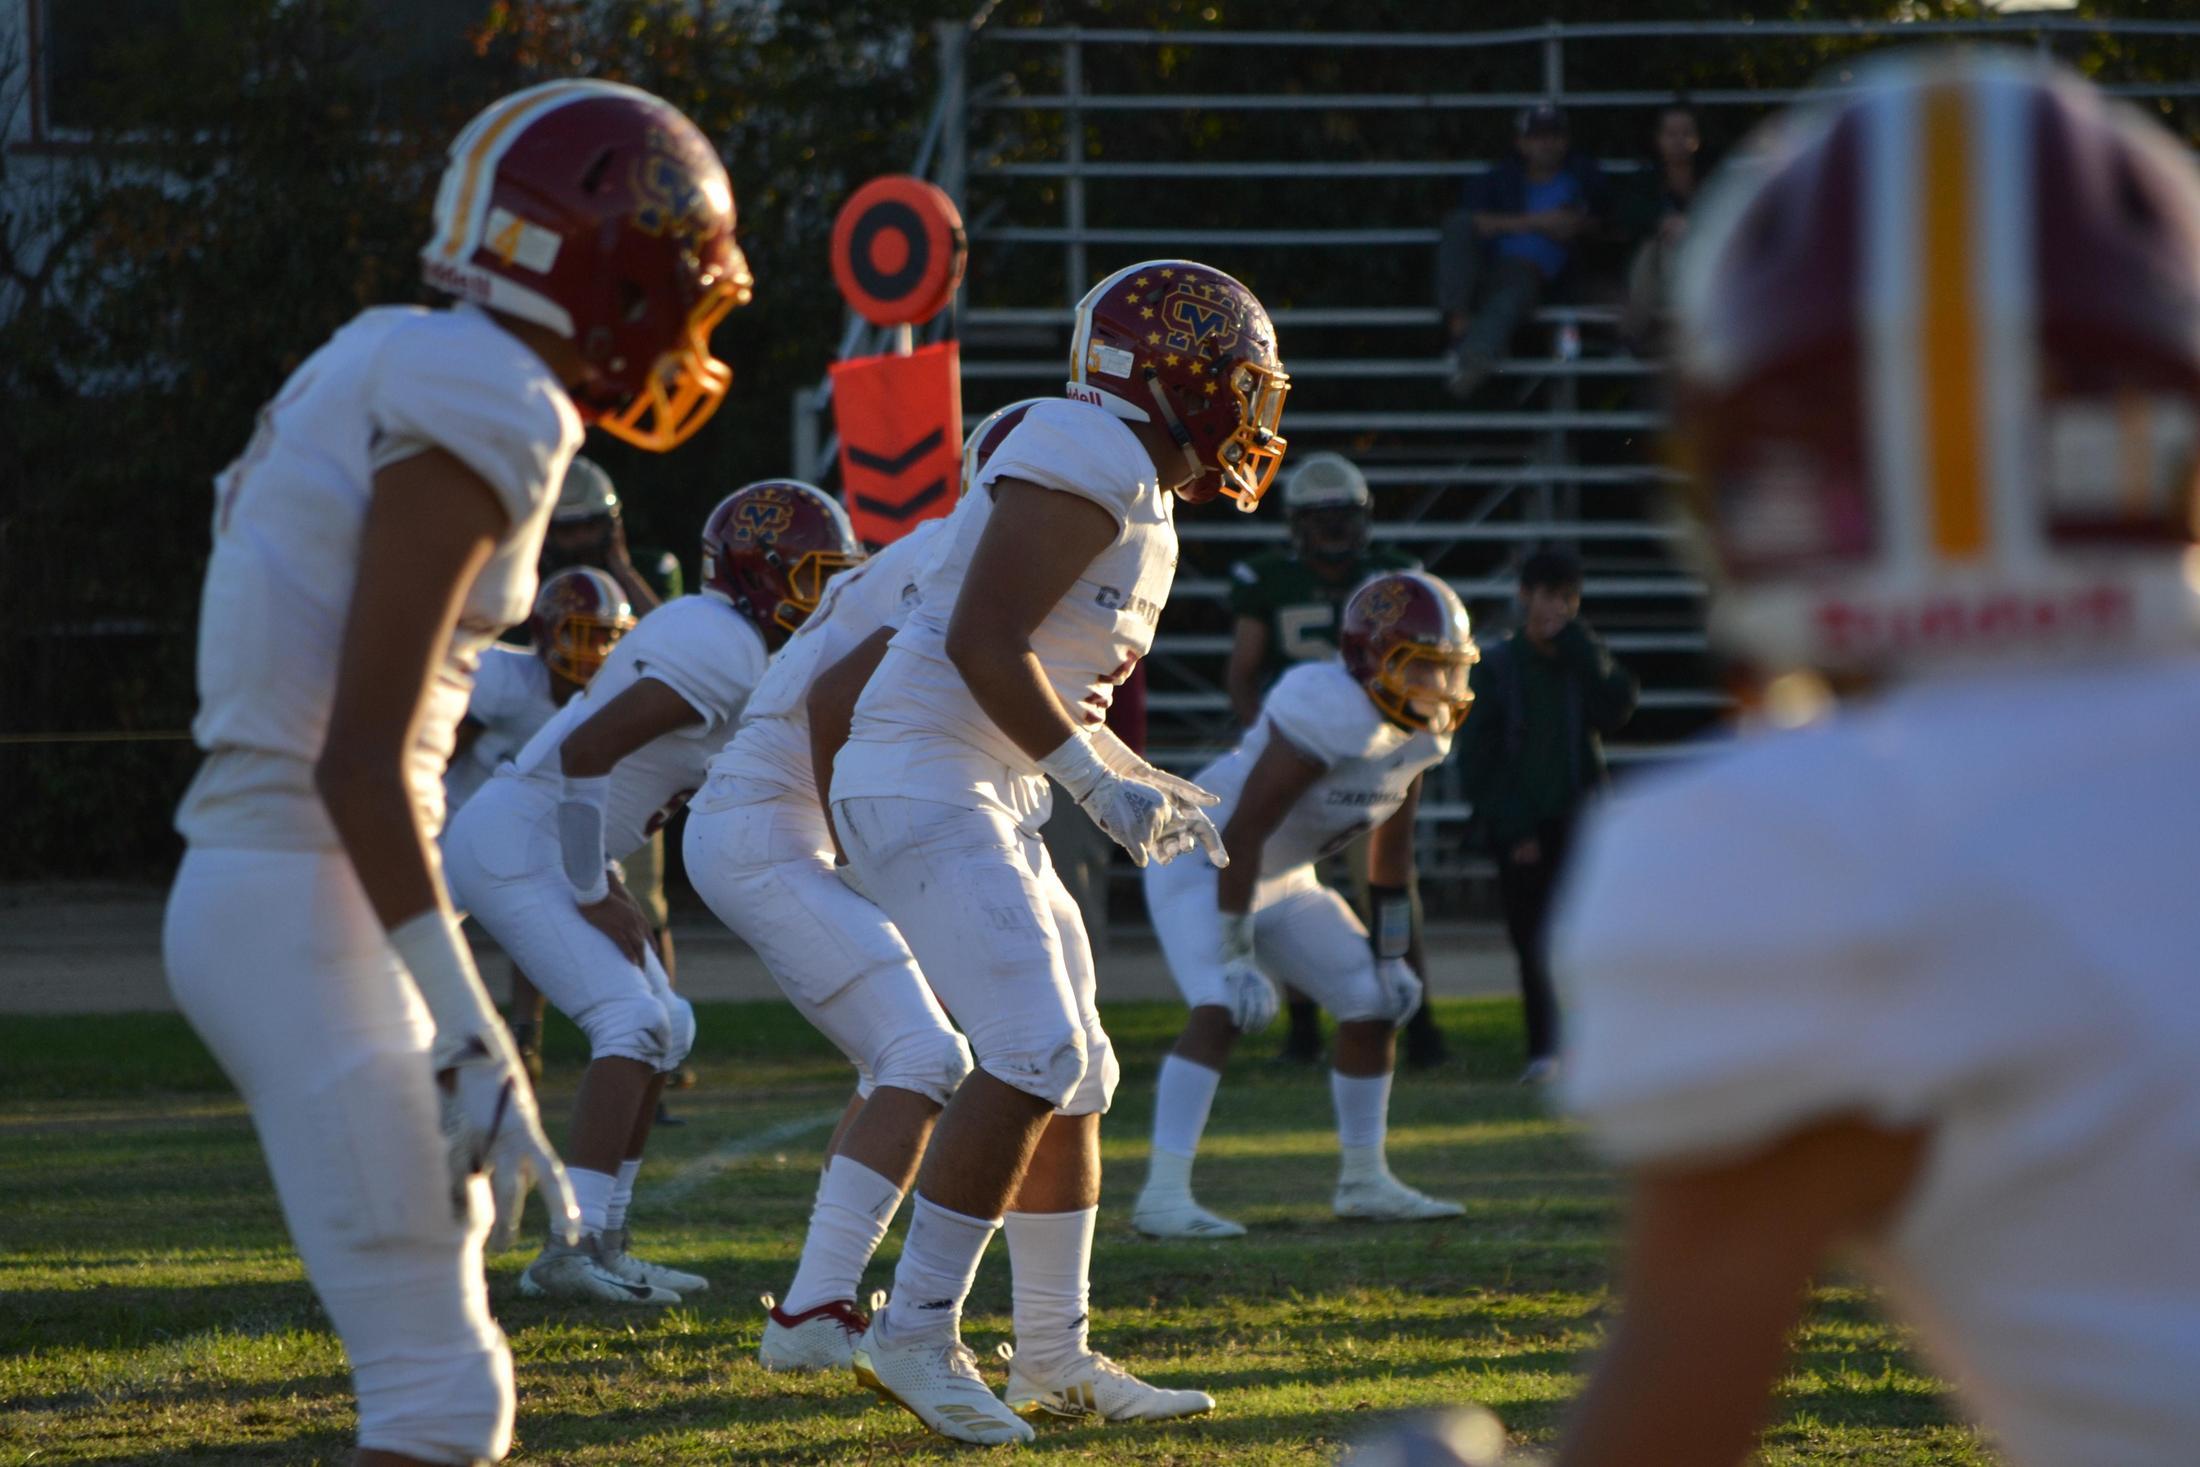 Football Boys Athletics Cantwell Sacred Heart Of Mary High School